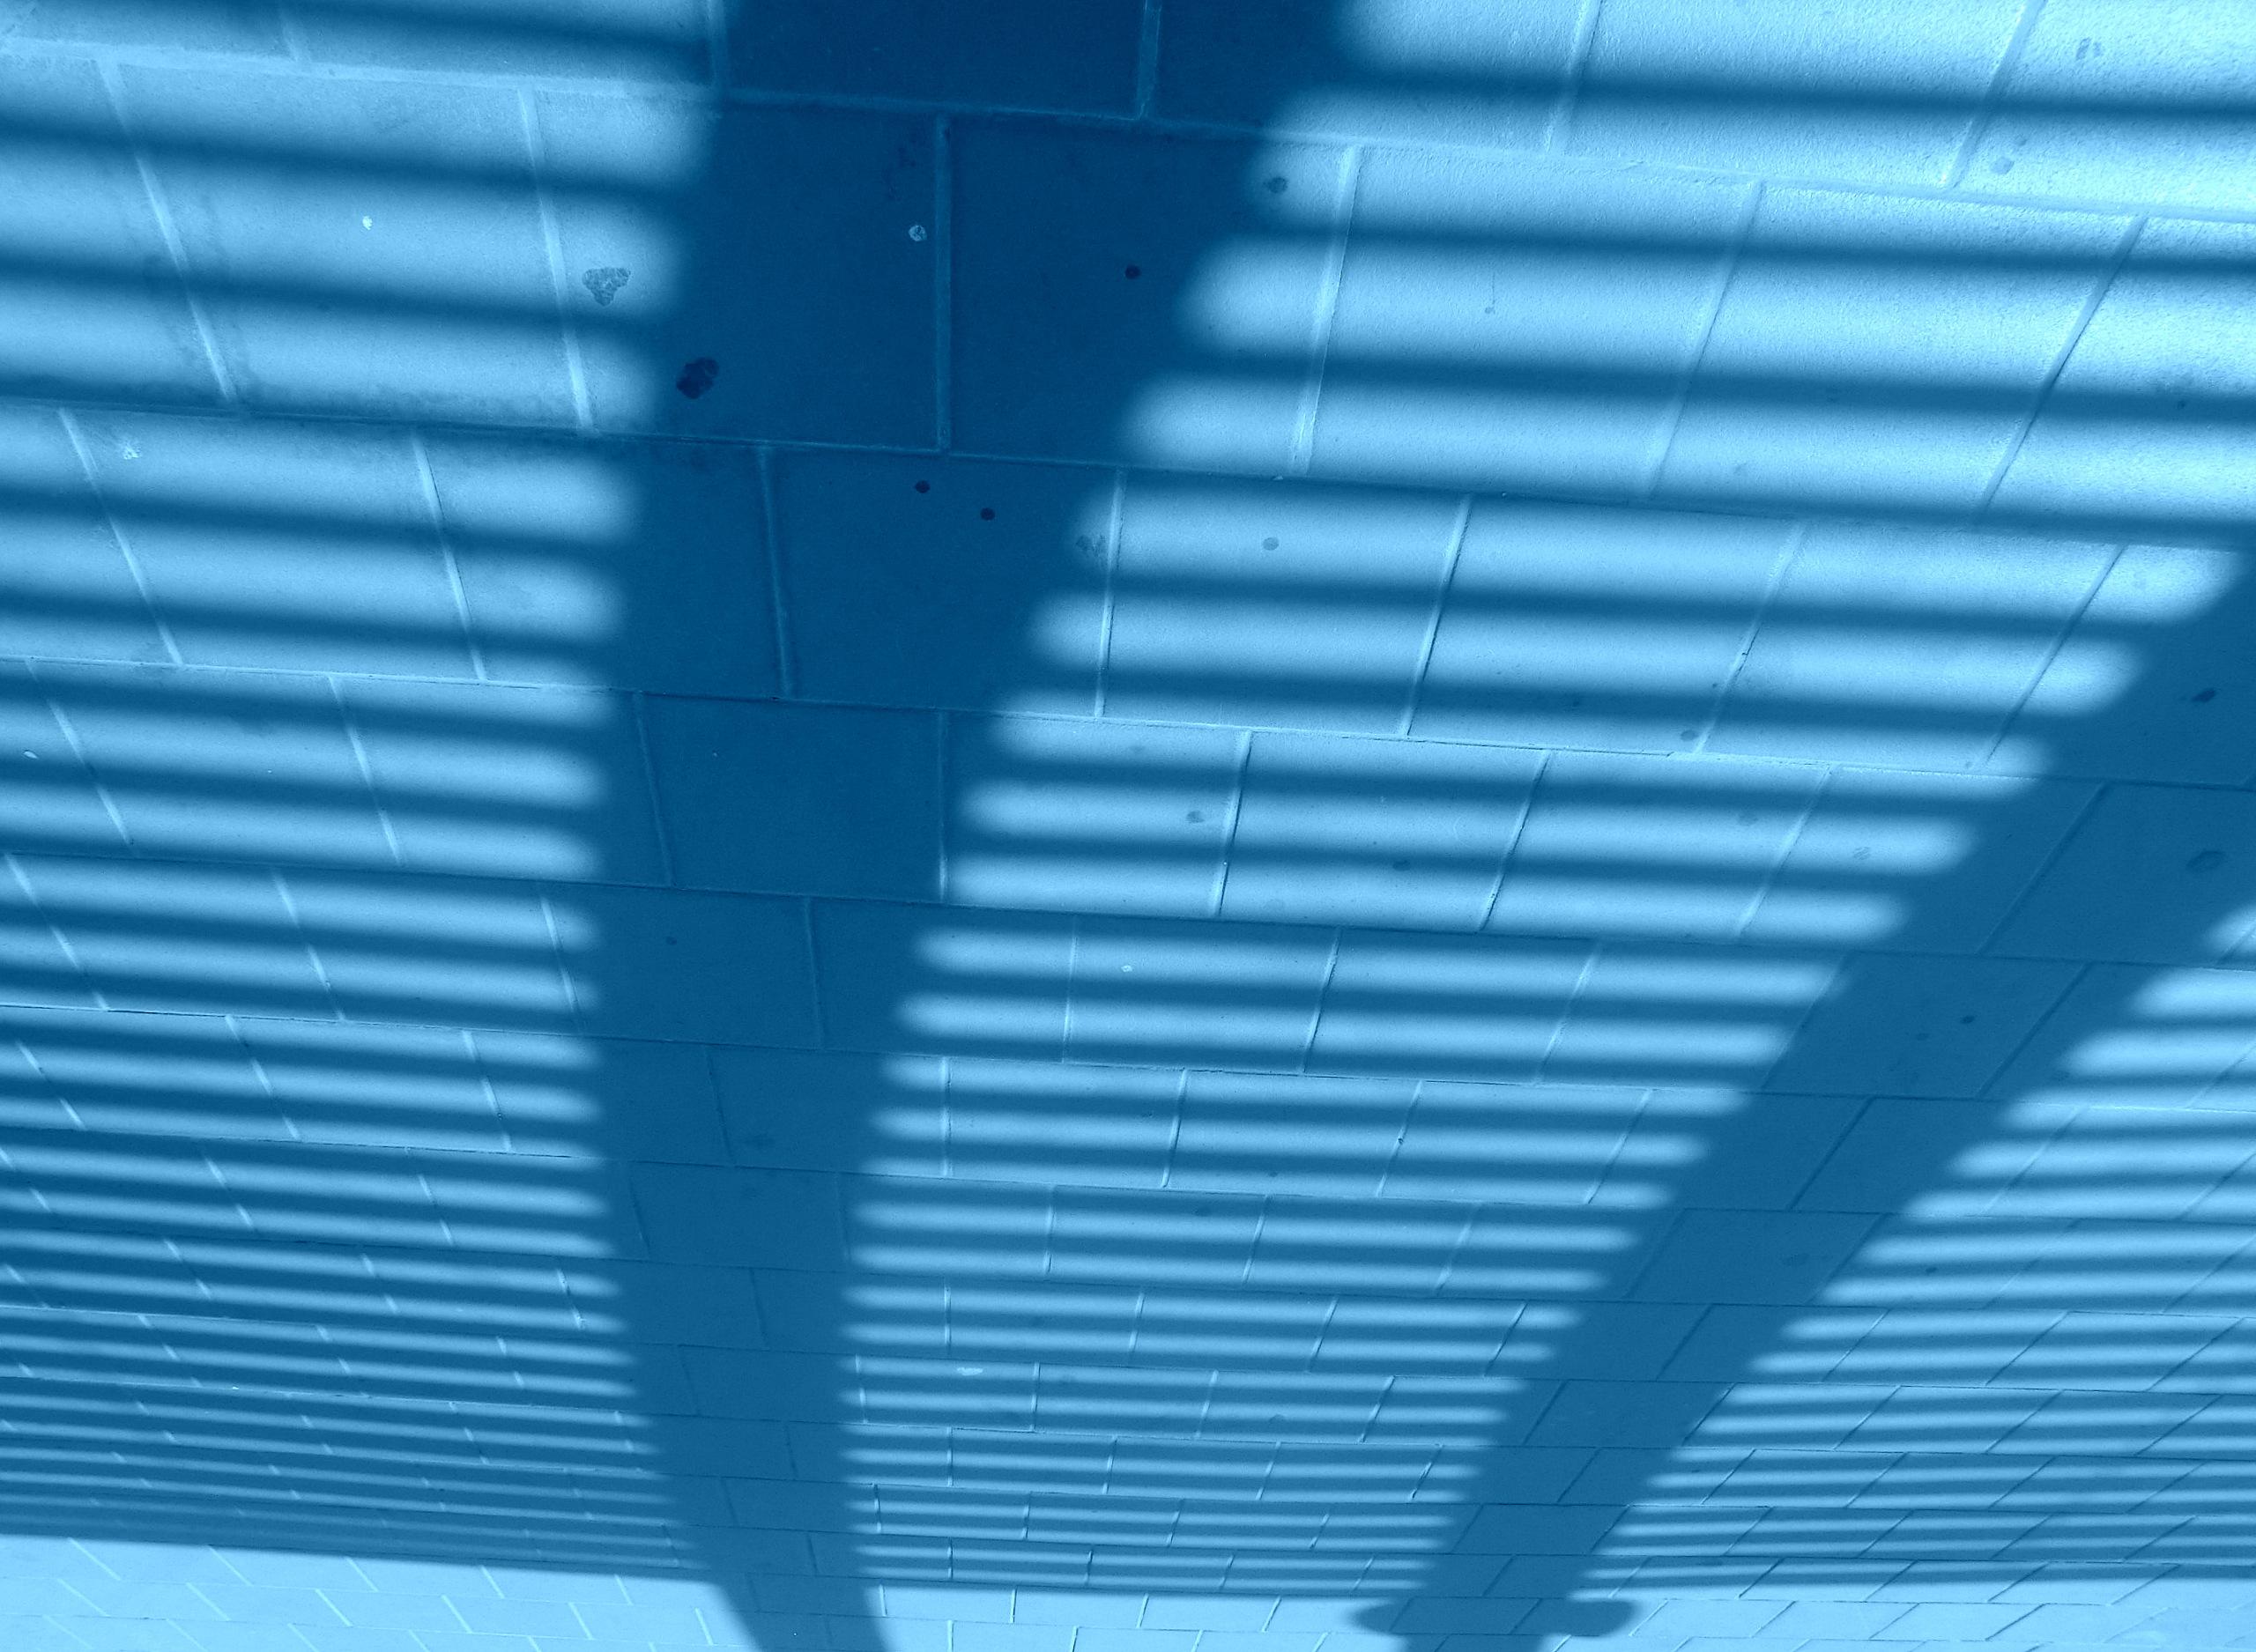 מחשבות כחולות - ללא מוצא